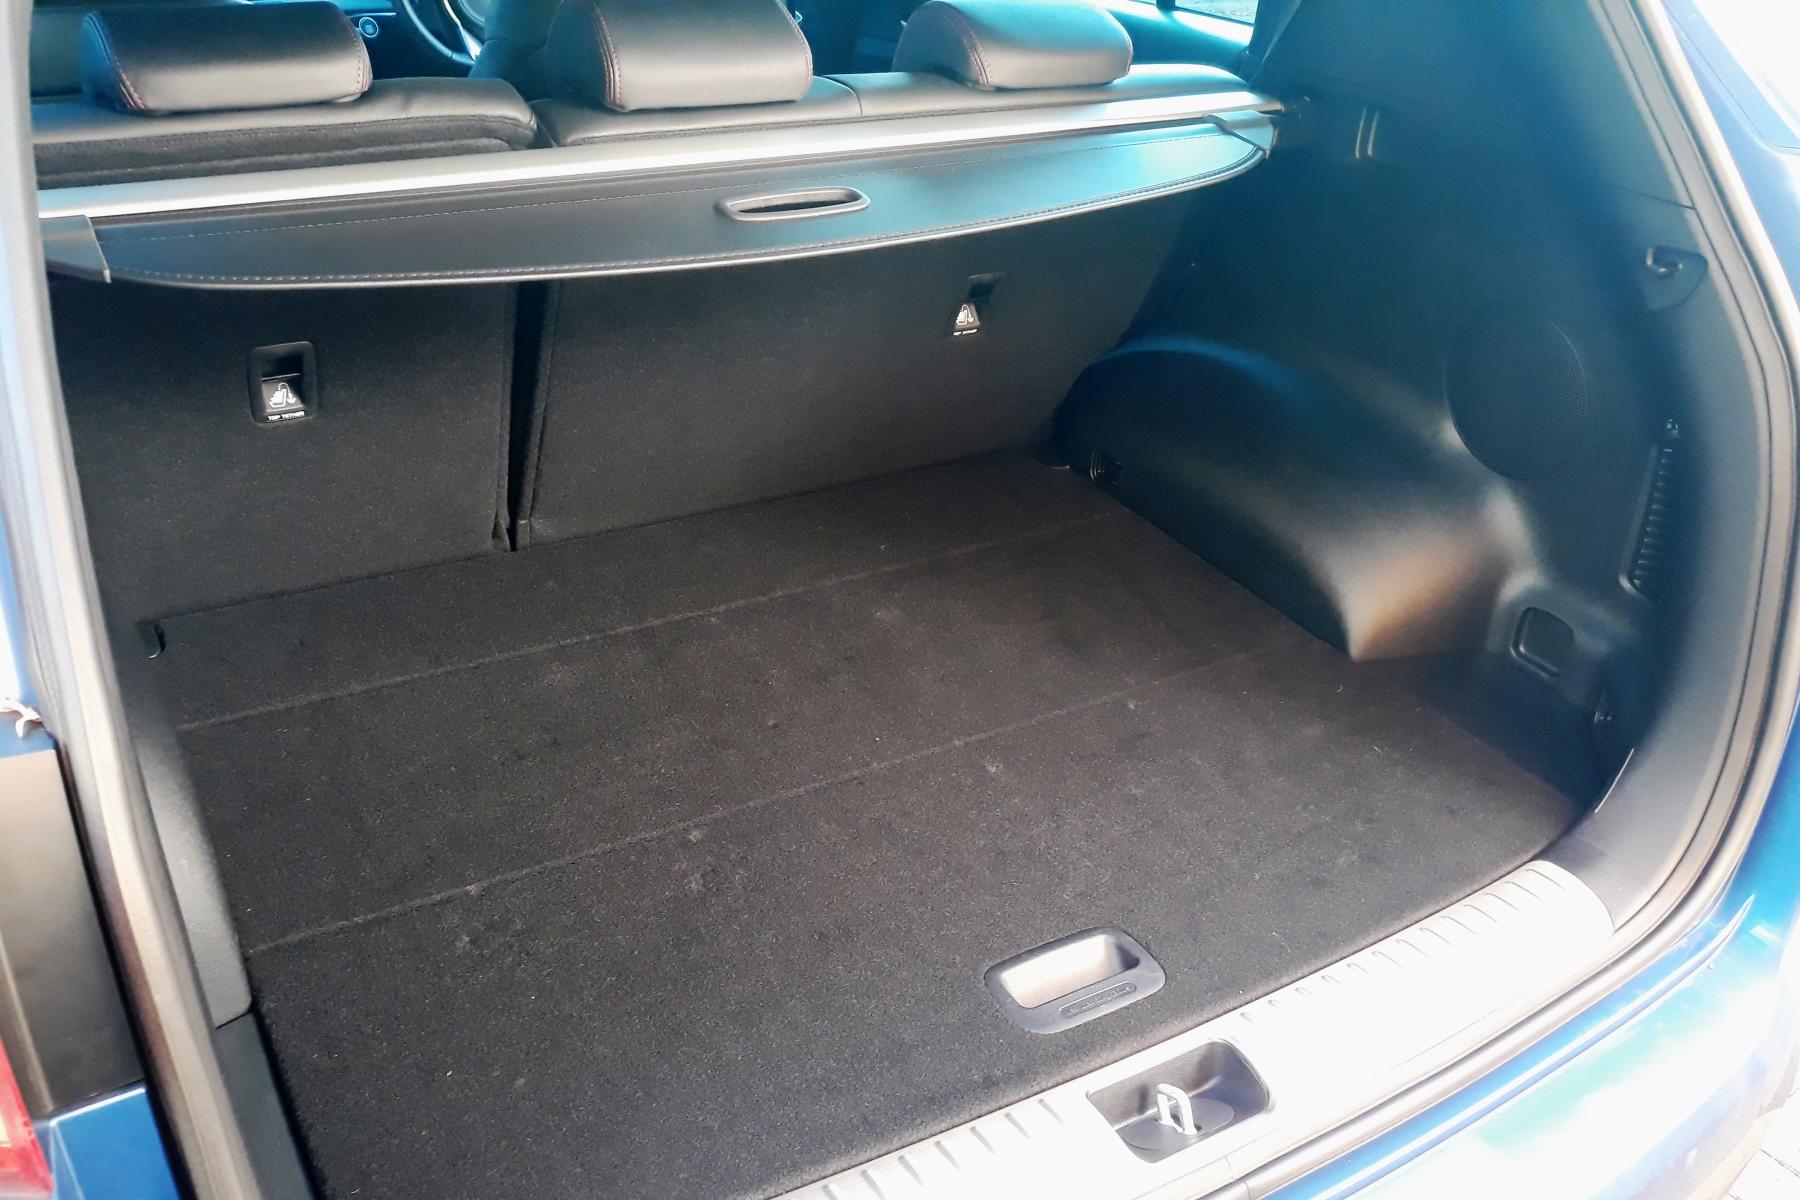 Kia Sportage 48v hybrid